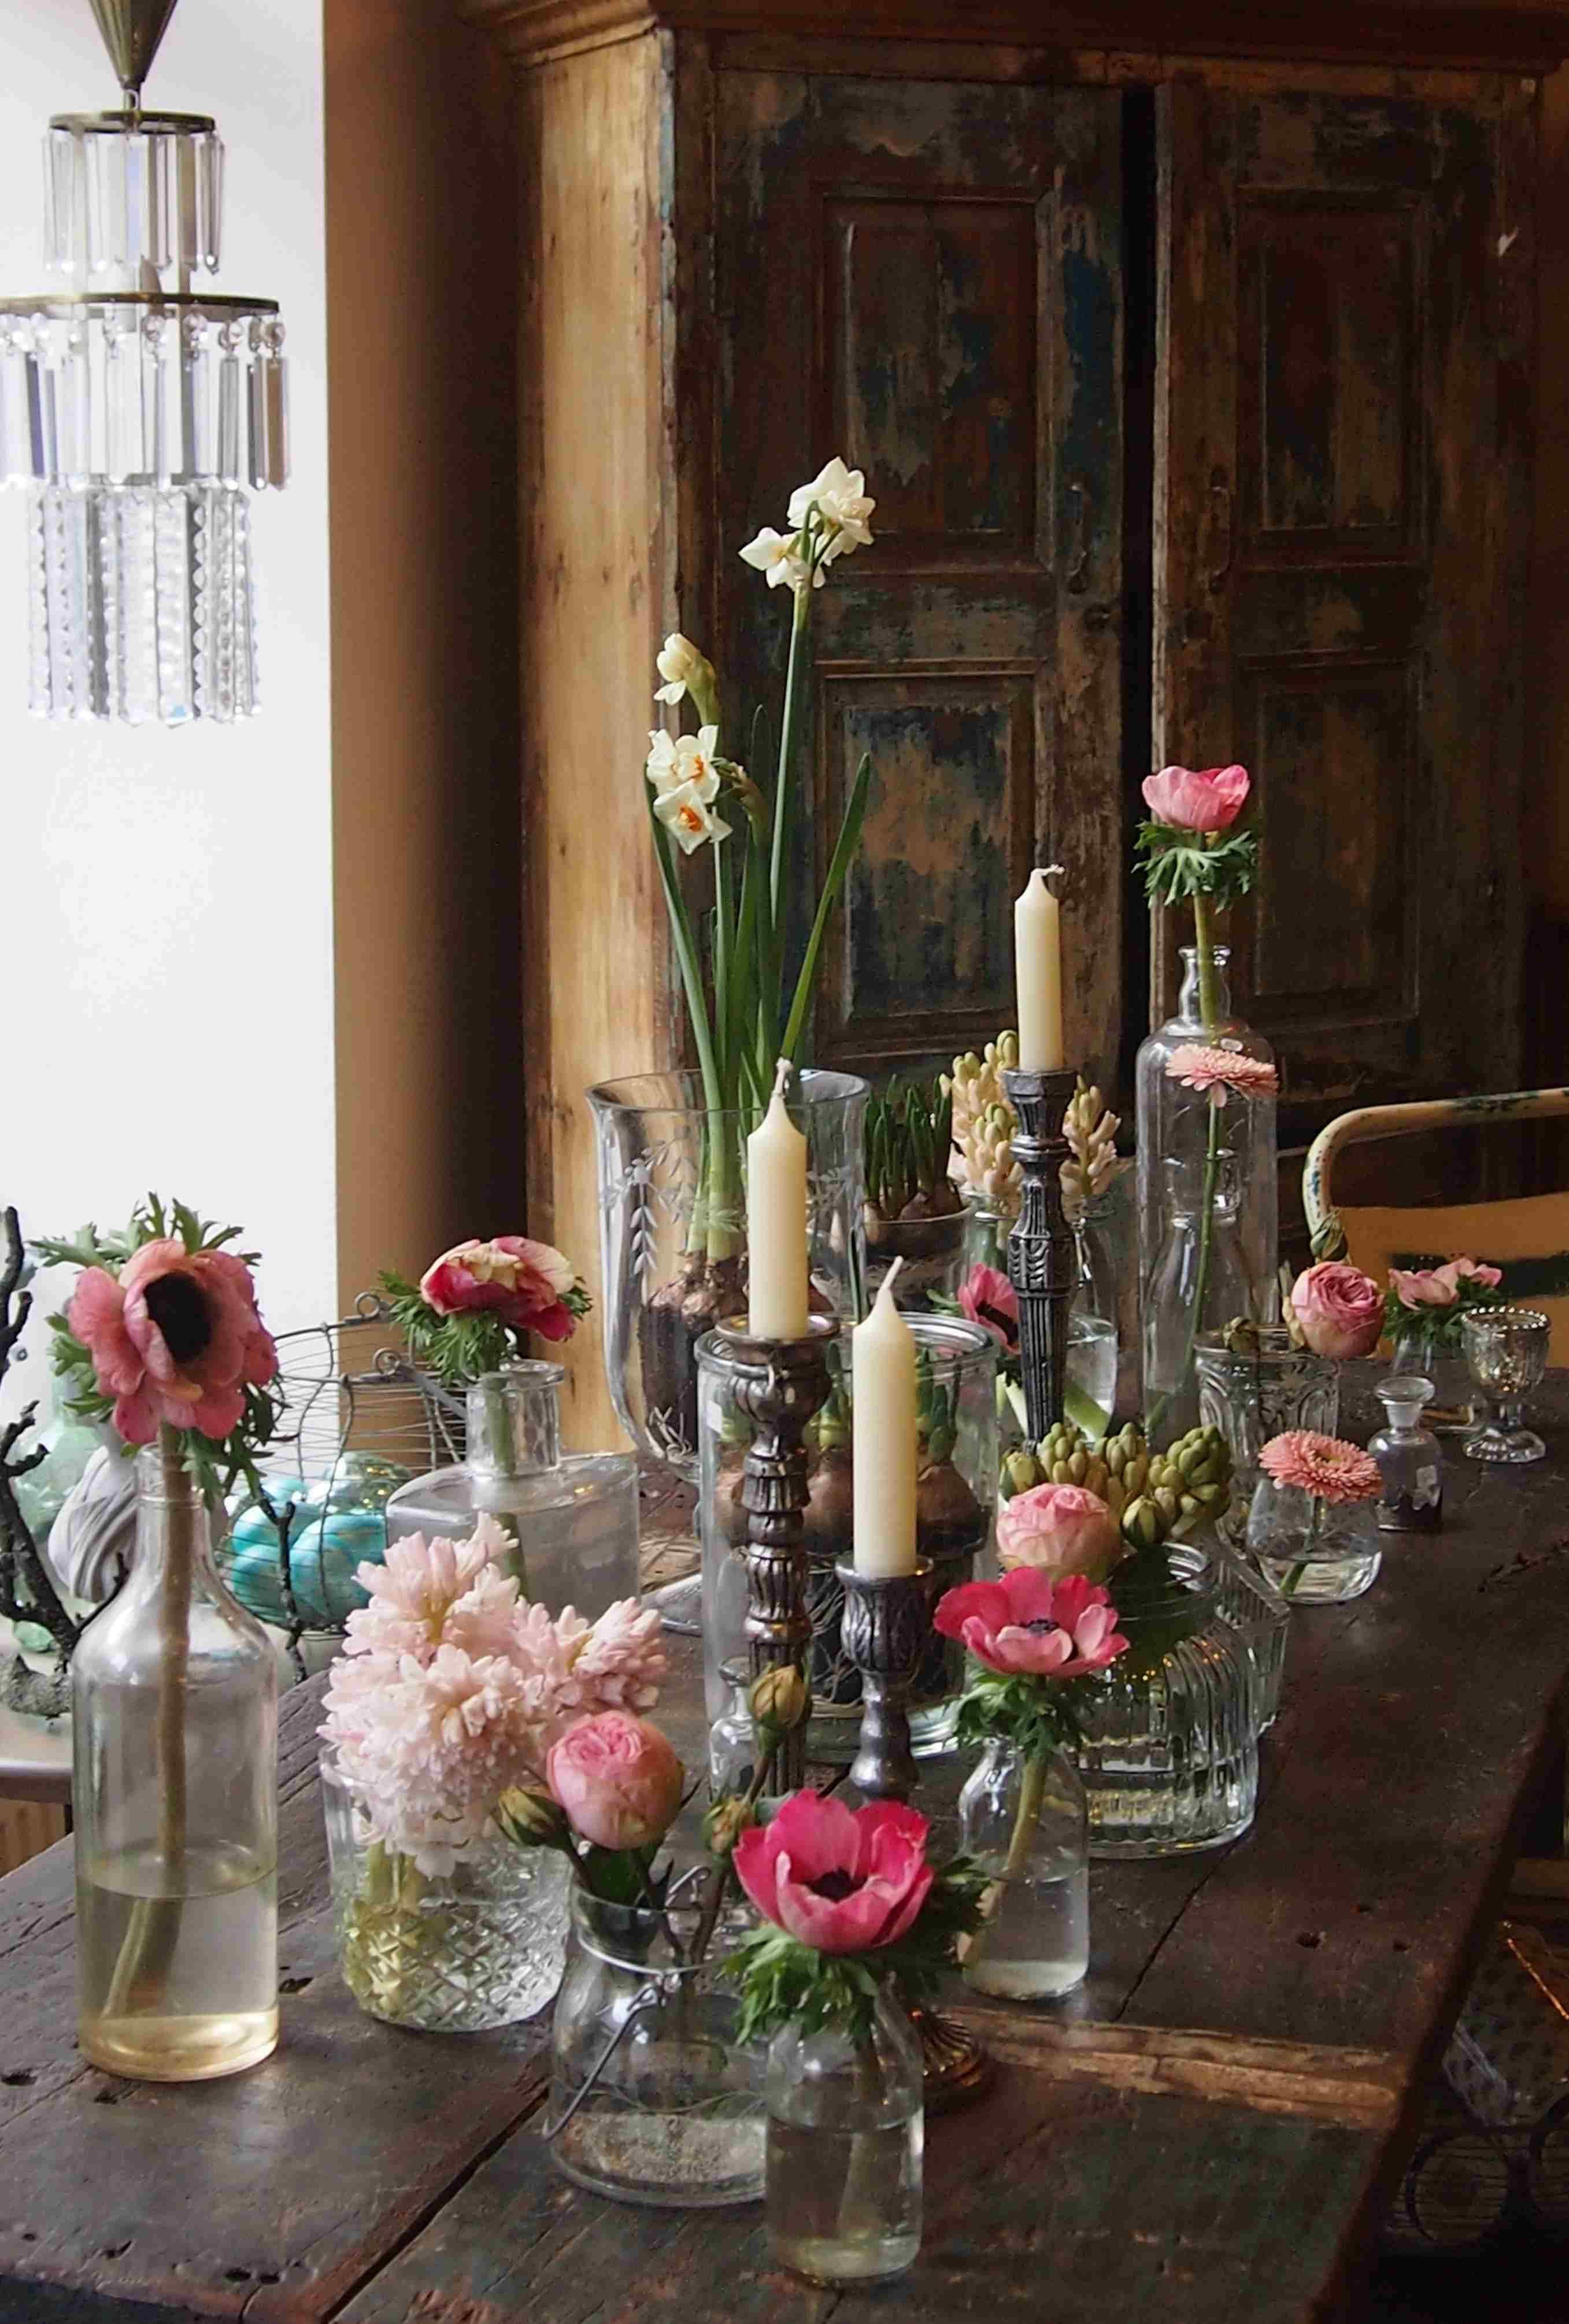 blumen rosa blumen und pflanzen pinterest blumen dekoration und dekoration hochzeit. Black Bedroom Furniture Sets. Home Design Ideas